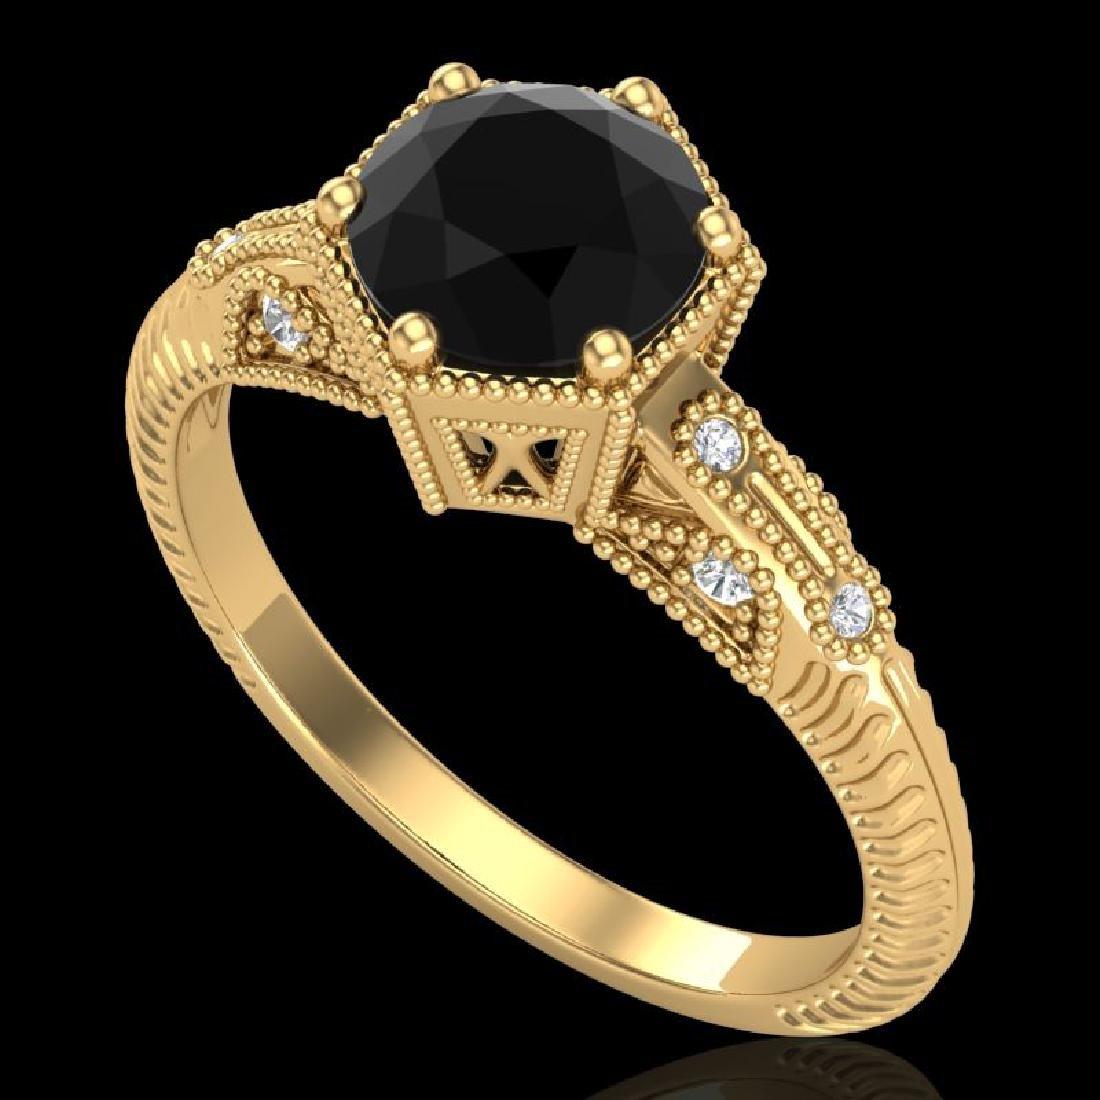 1.17 CTW Fancy Black Diamond Solitaire Engagement Art